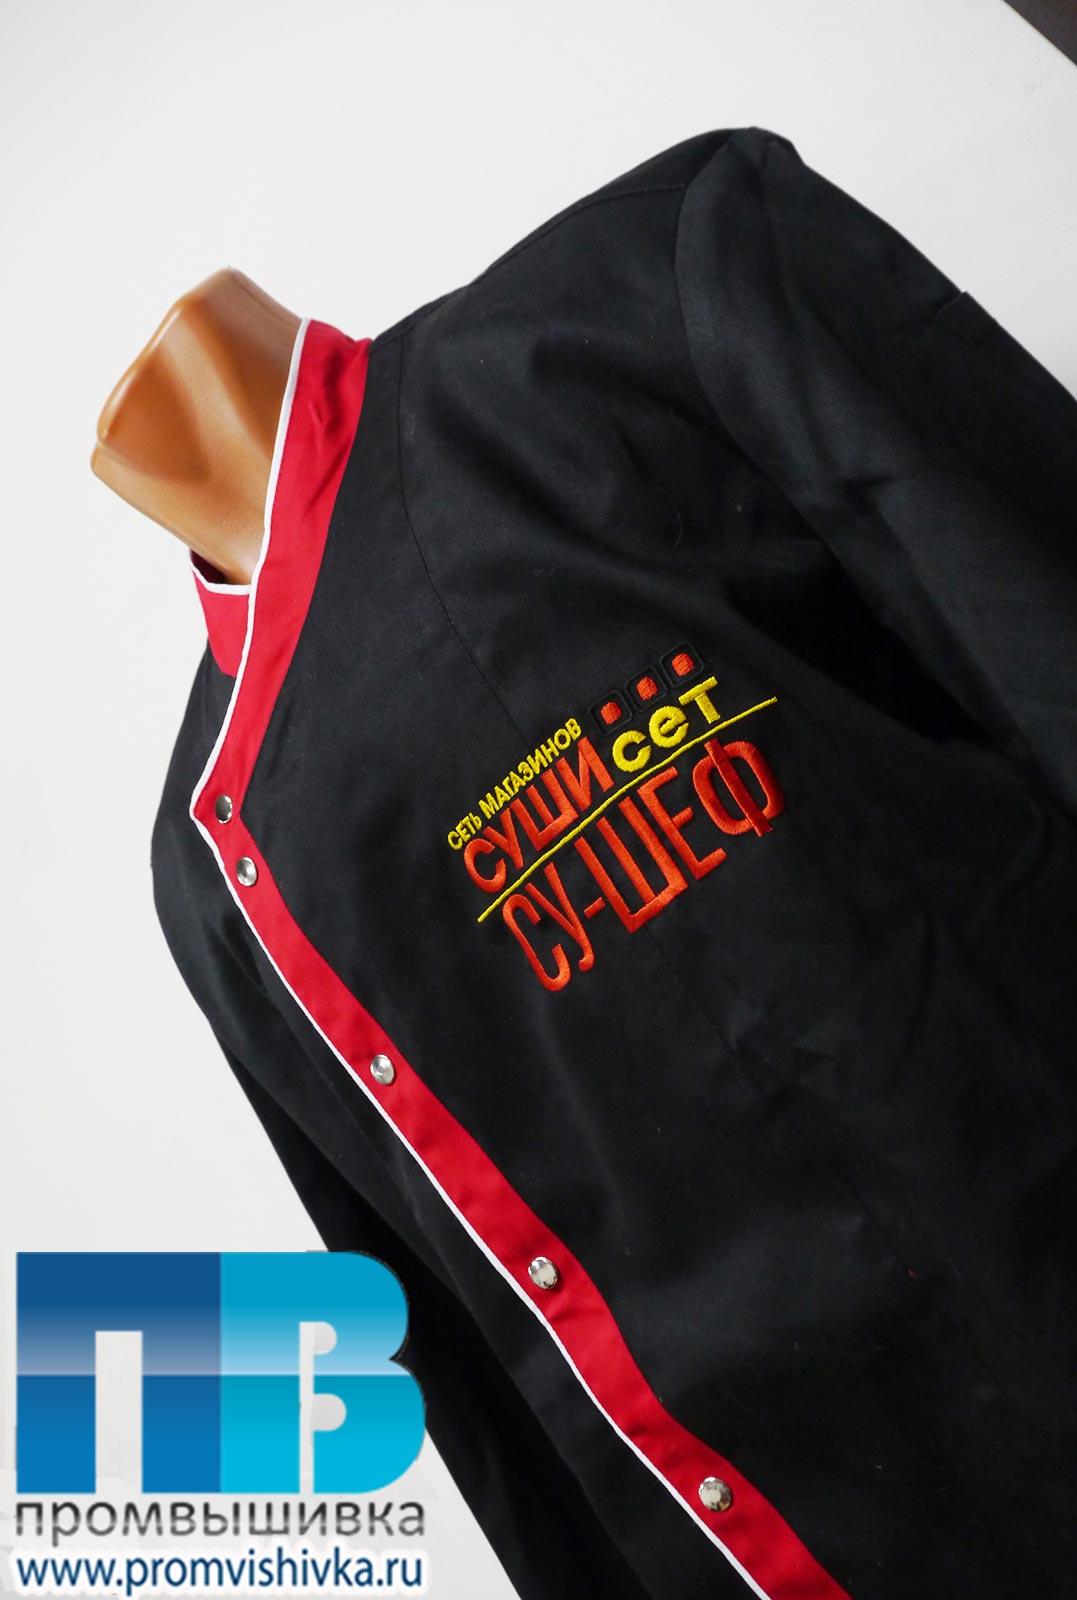 Вышивка в корпоративной одежде